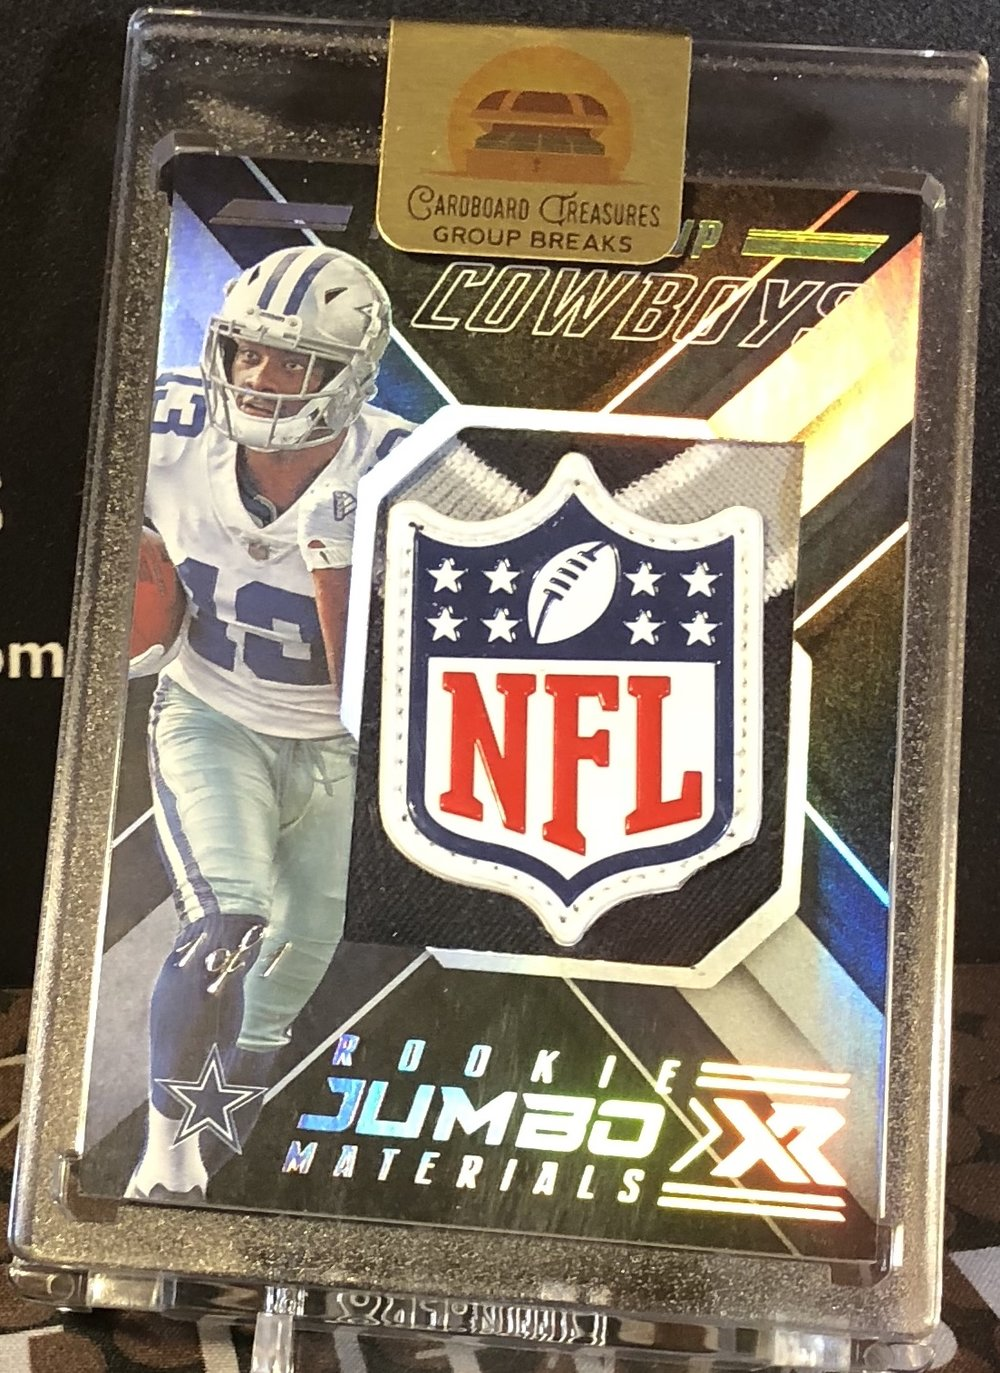 2018 Panini XR Michael Gallup Rookie Jumbo Materials NFL Shield 1/1